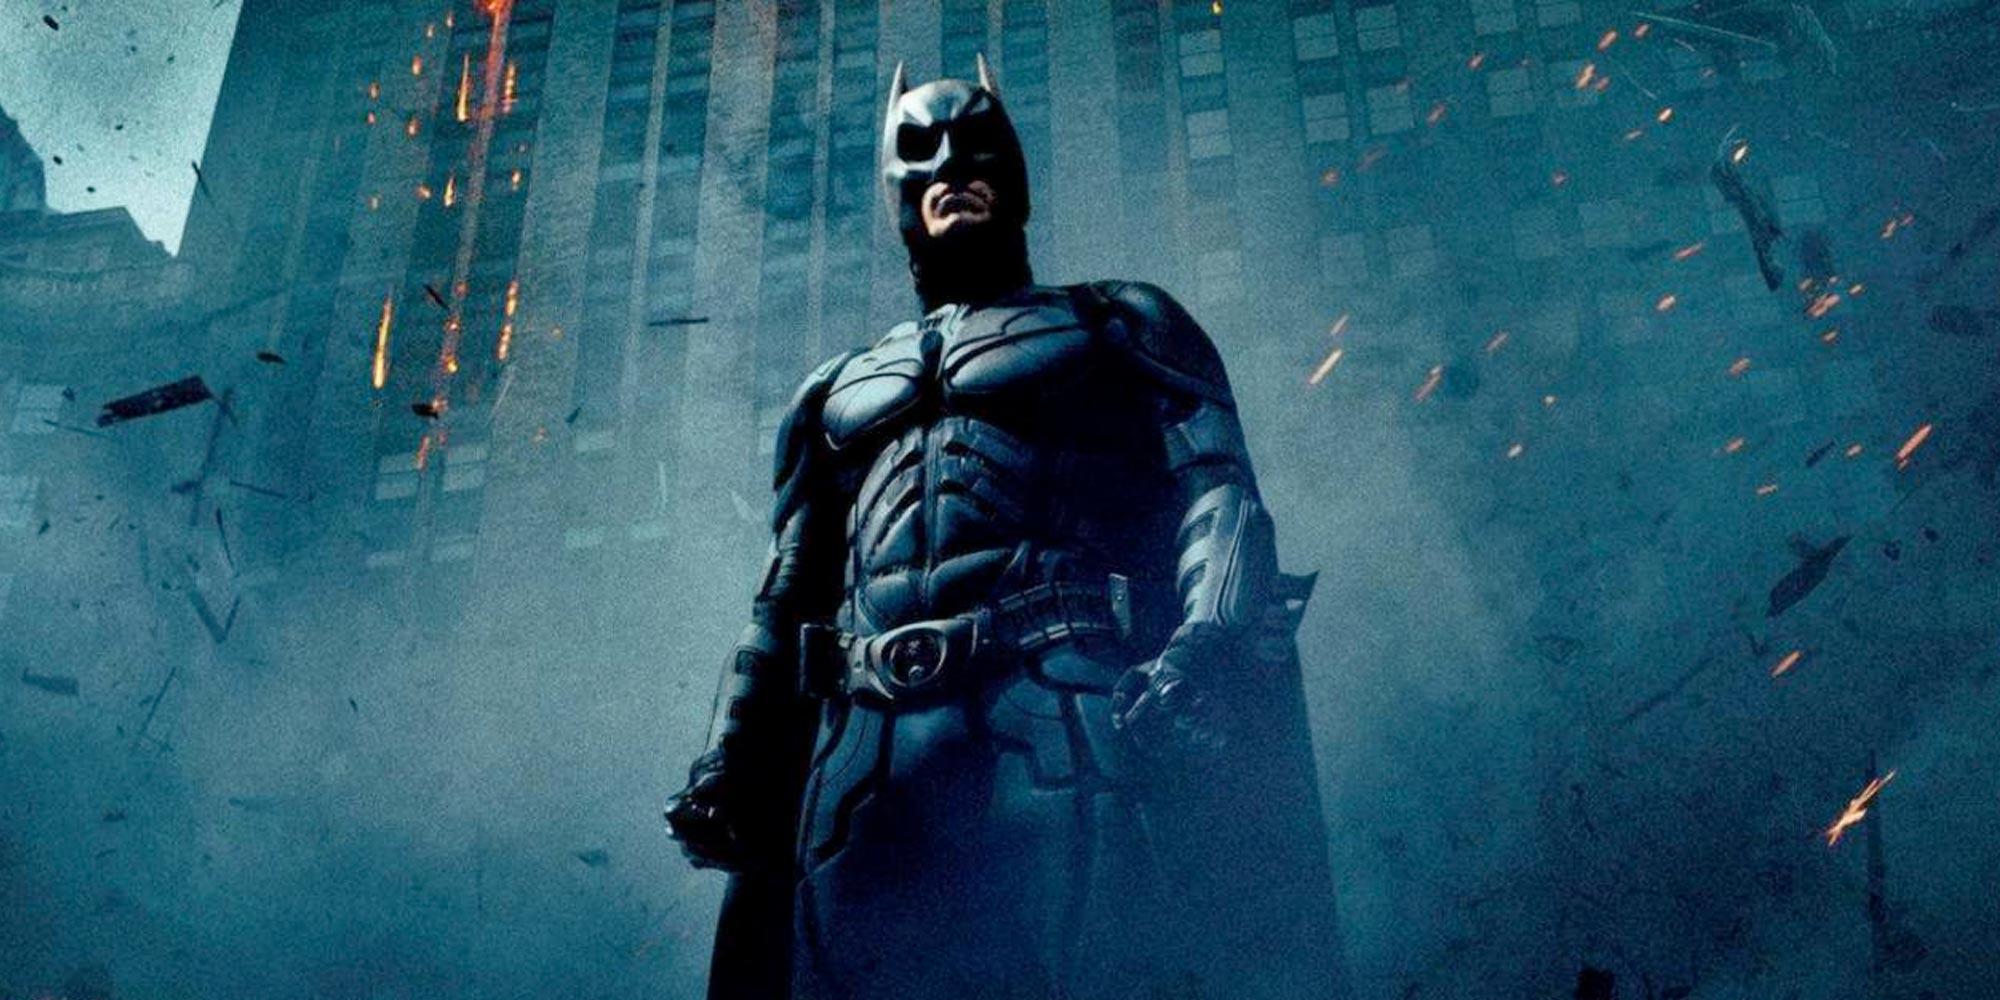 This week's best iTunes movie deals: $10 4K film sale, Dark Knight Trilogy $25, $1 rental, more